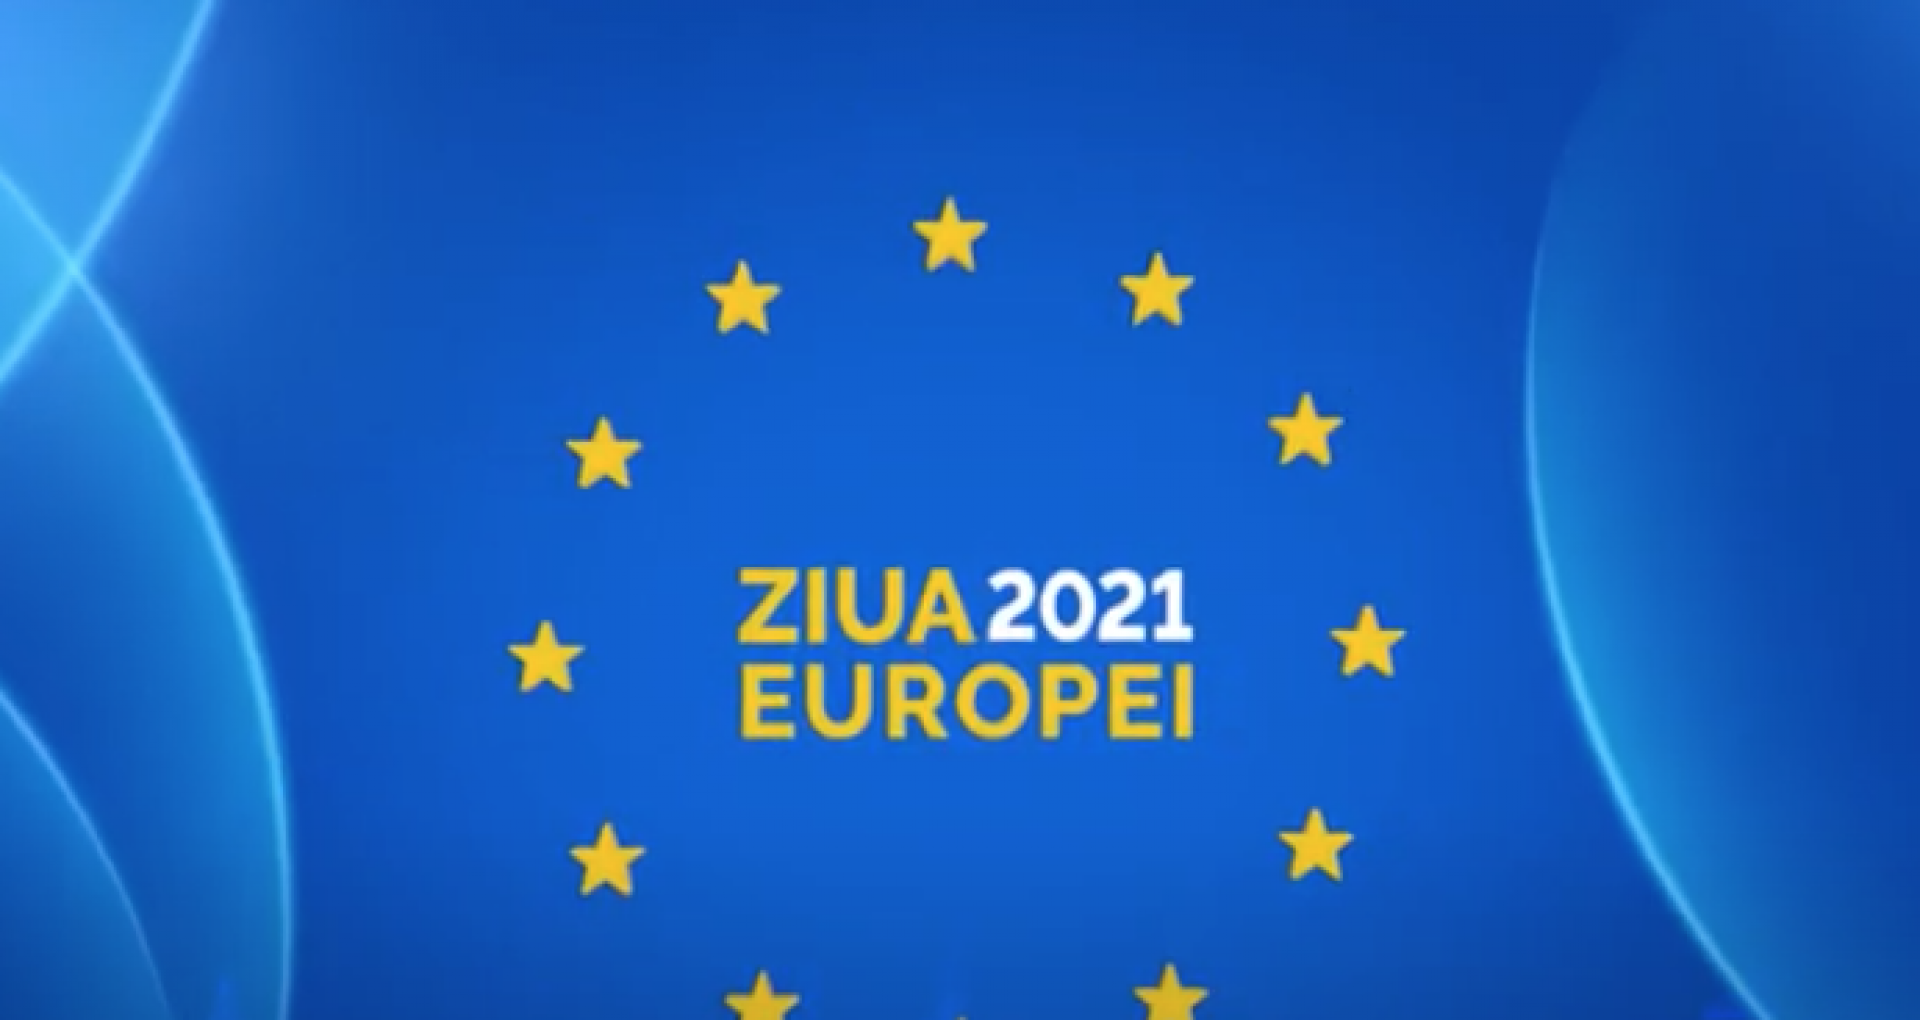 Președintele Iohannis și Premierului Florin Cîțu au transmis mesaje de Ziua Europe